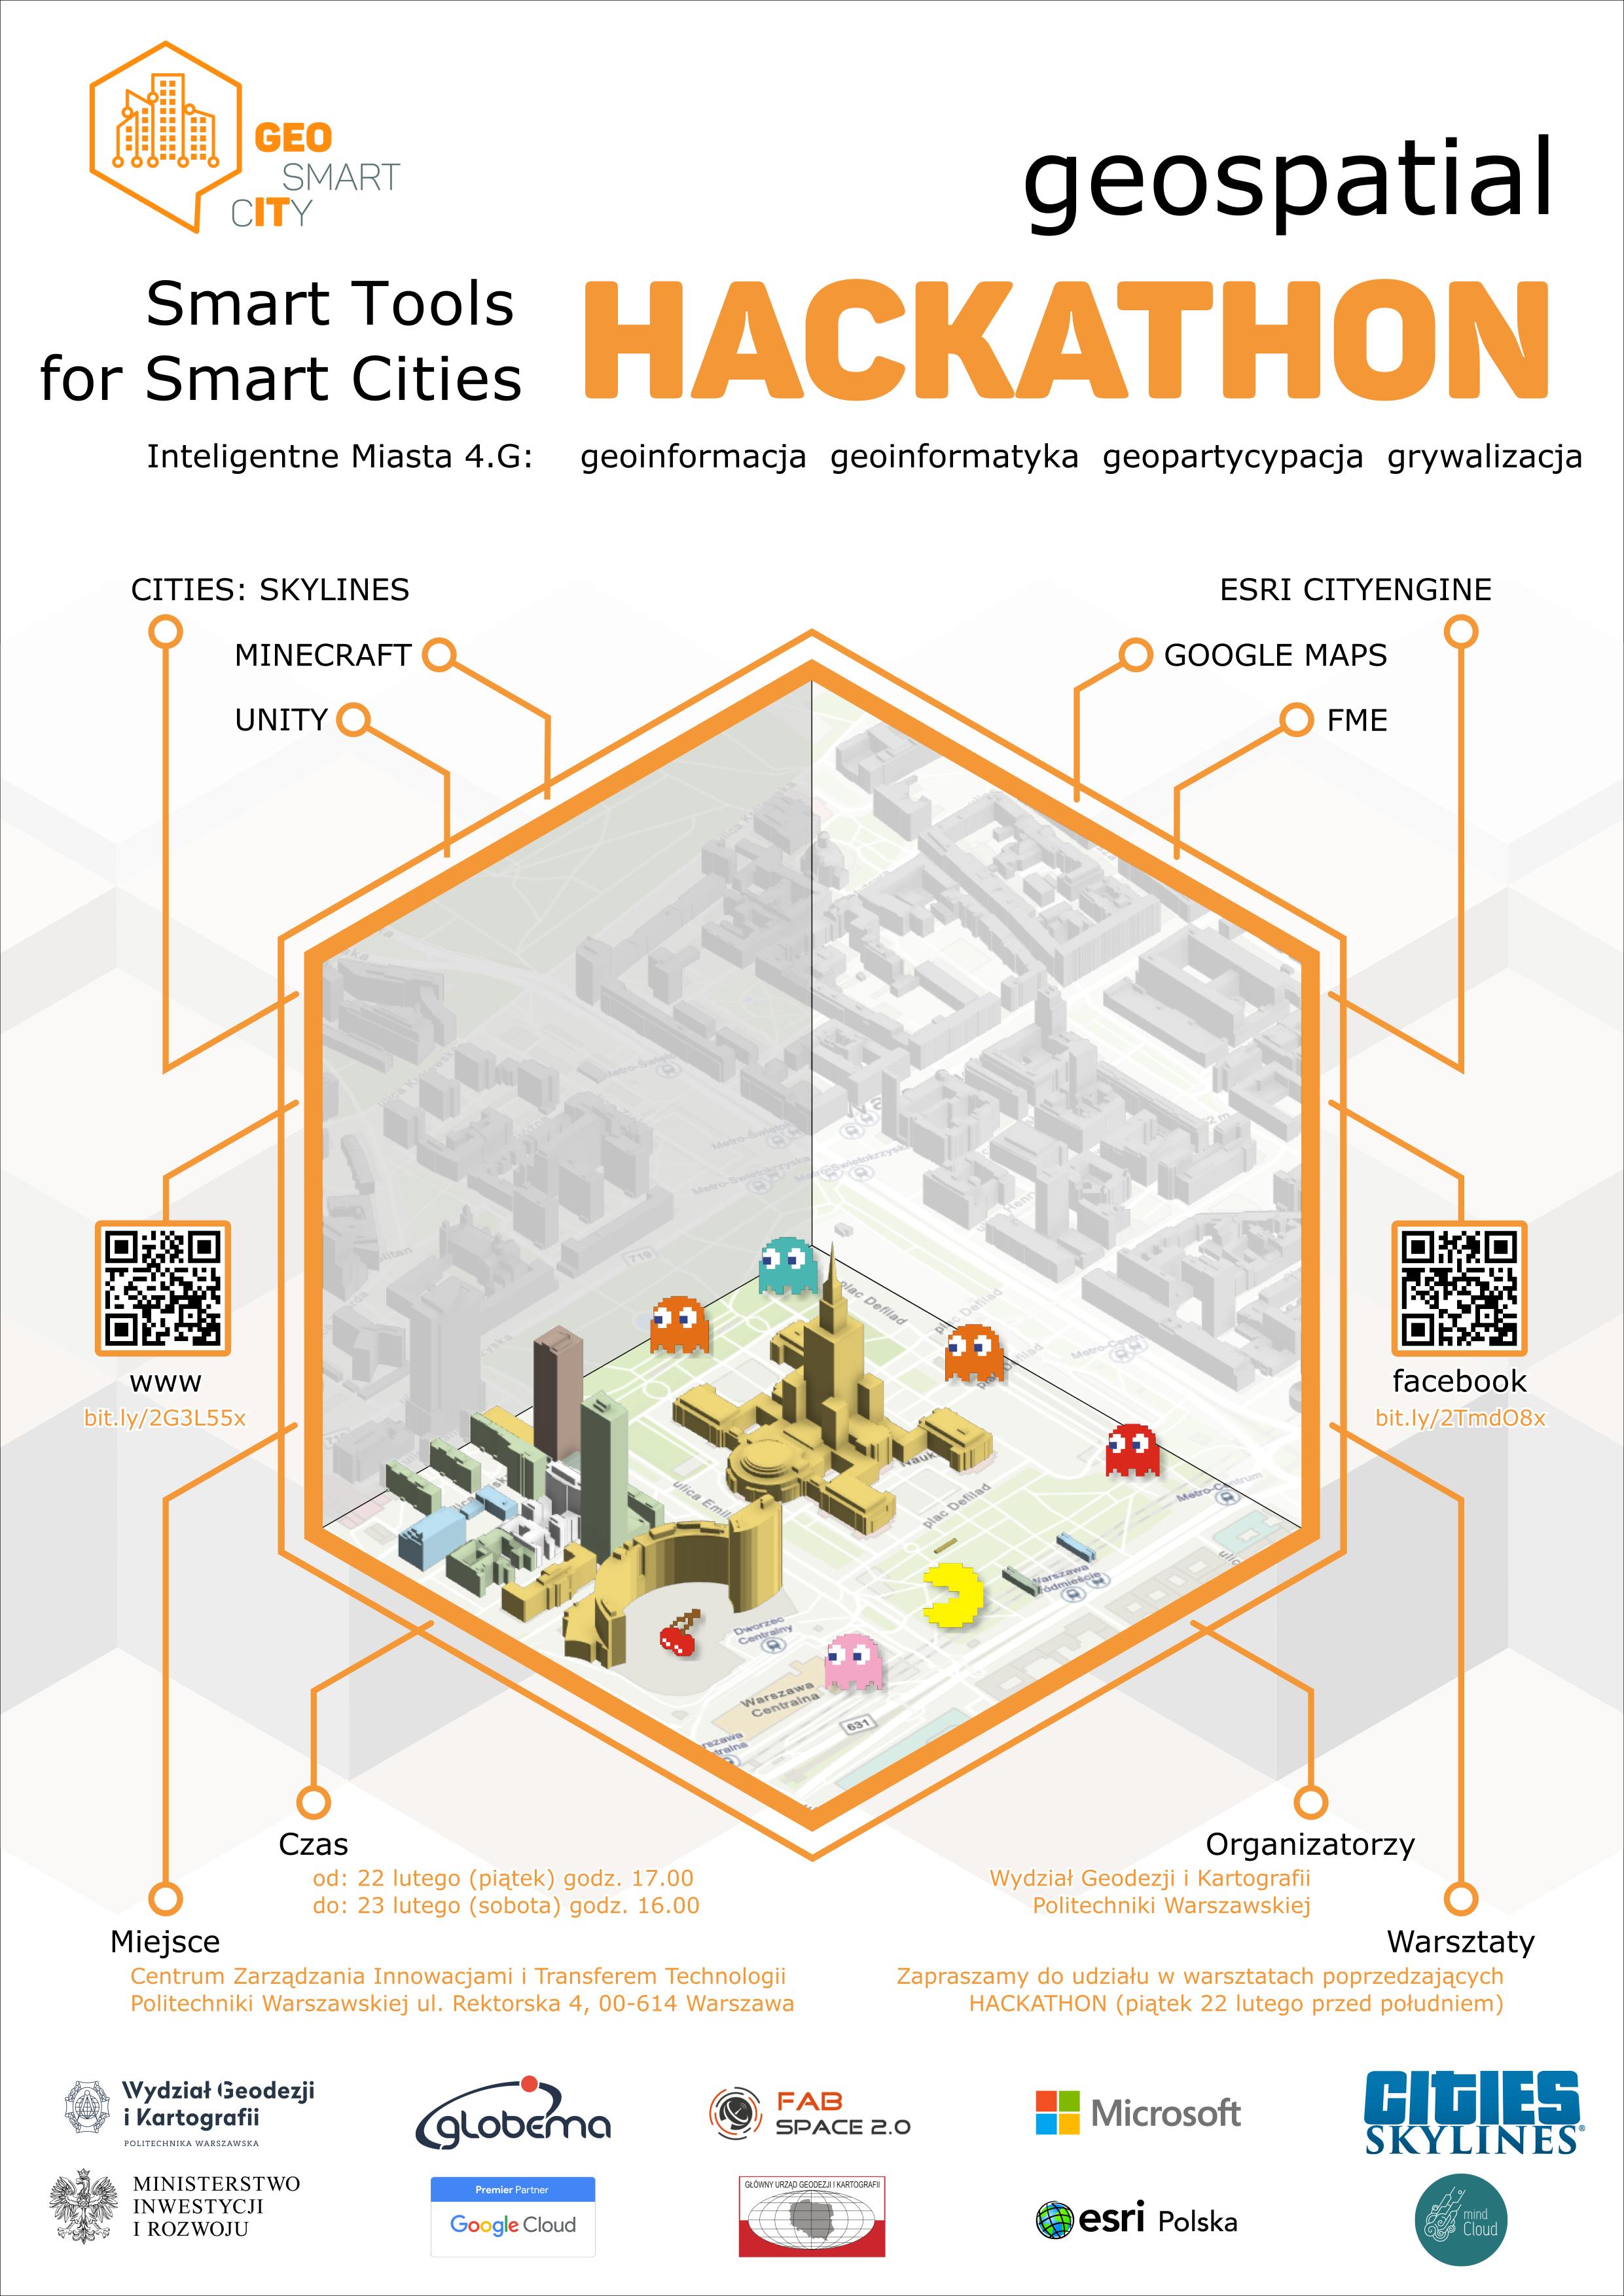 geospatial_hackathon